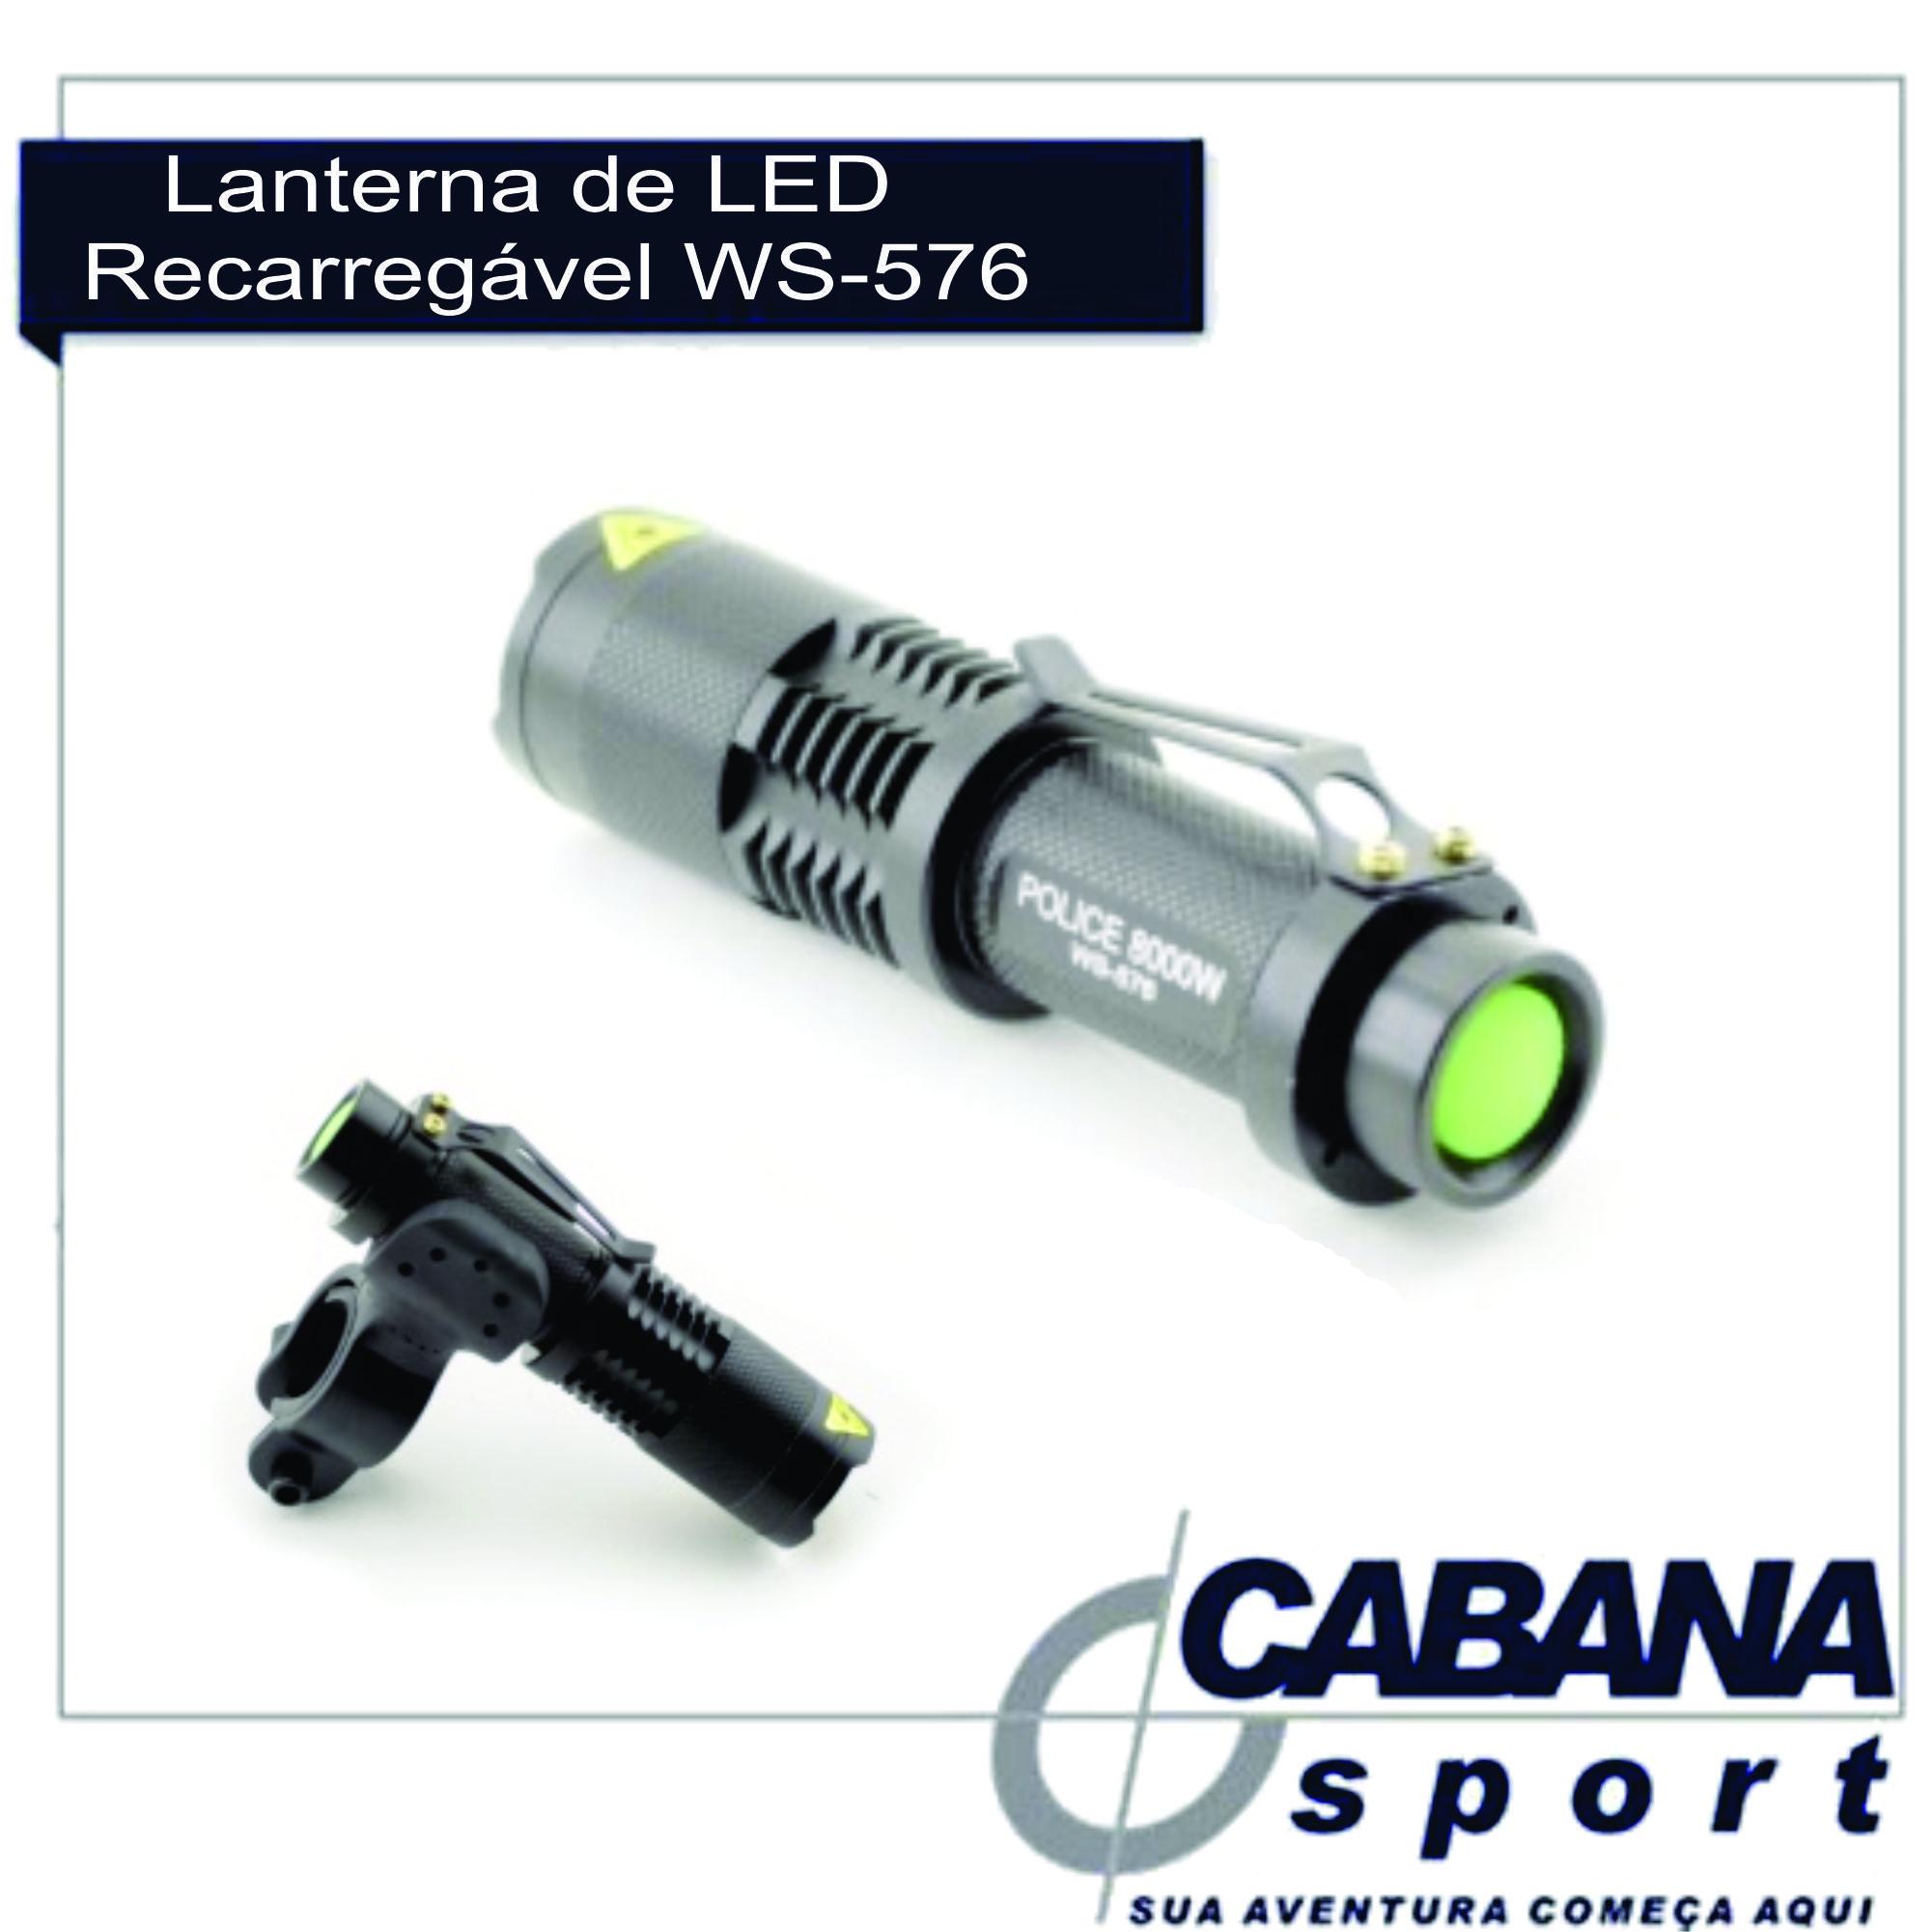 As Lanternas HY possuem lâmpadas de LED CREE (vida útil entre 50.000 à 100.000 horas). Zoom de foco regulável: 1x ~2000x. E até três modos de operação: Baixa luz, alta luz, luz vermelho e strobo (pisca). Confira http://goo.gl/GC2Gs8